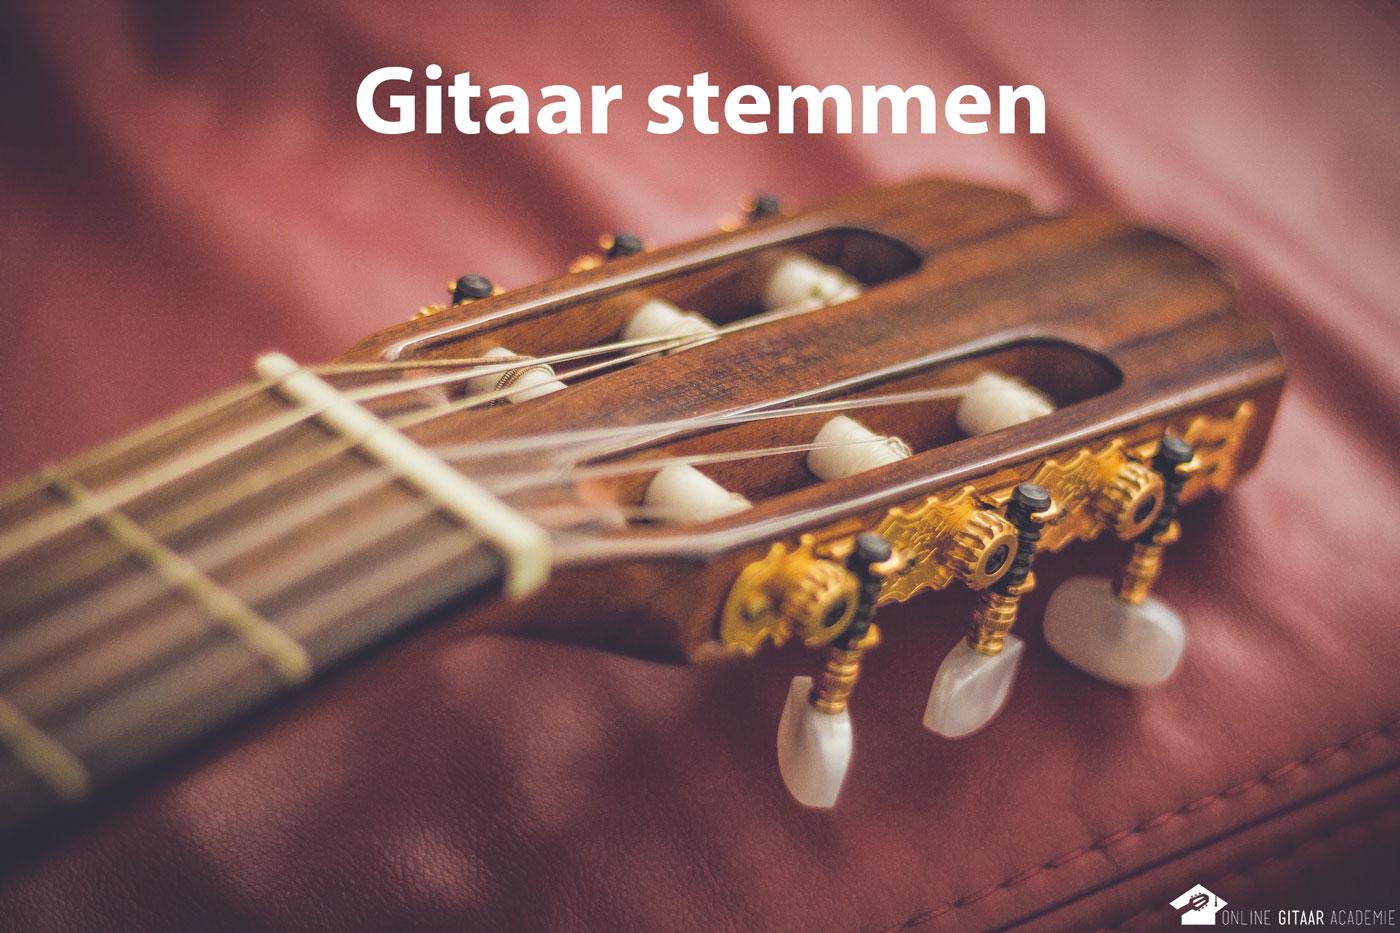 gitaar stemmen met de snaren laat de gitaartop zien waar je snaren moet aandraaien